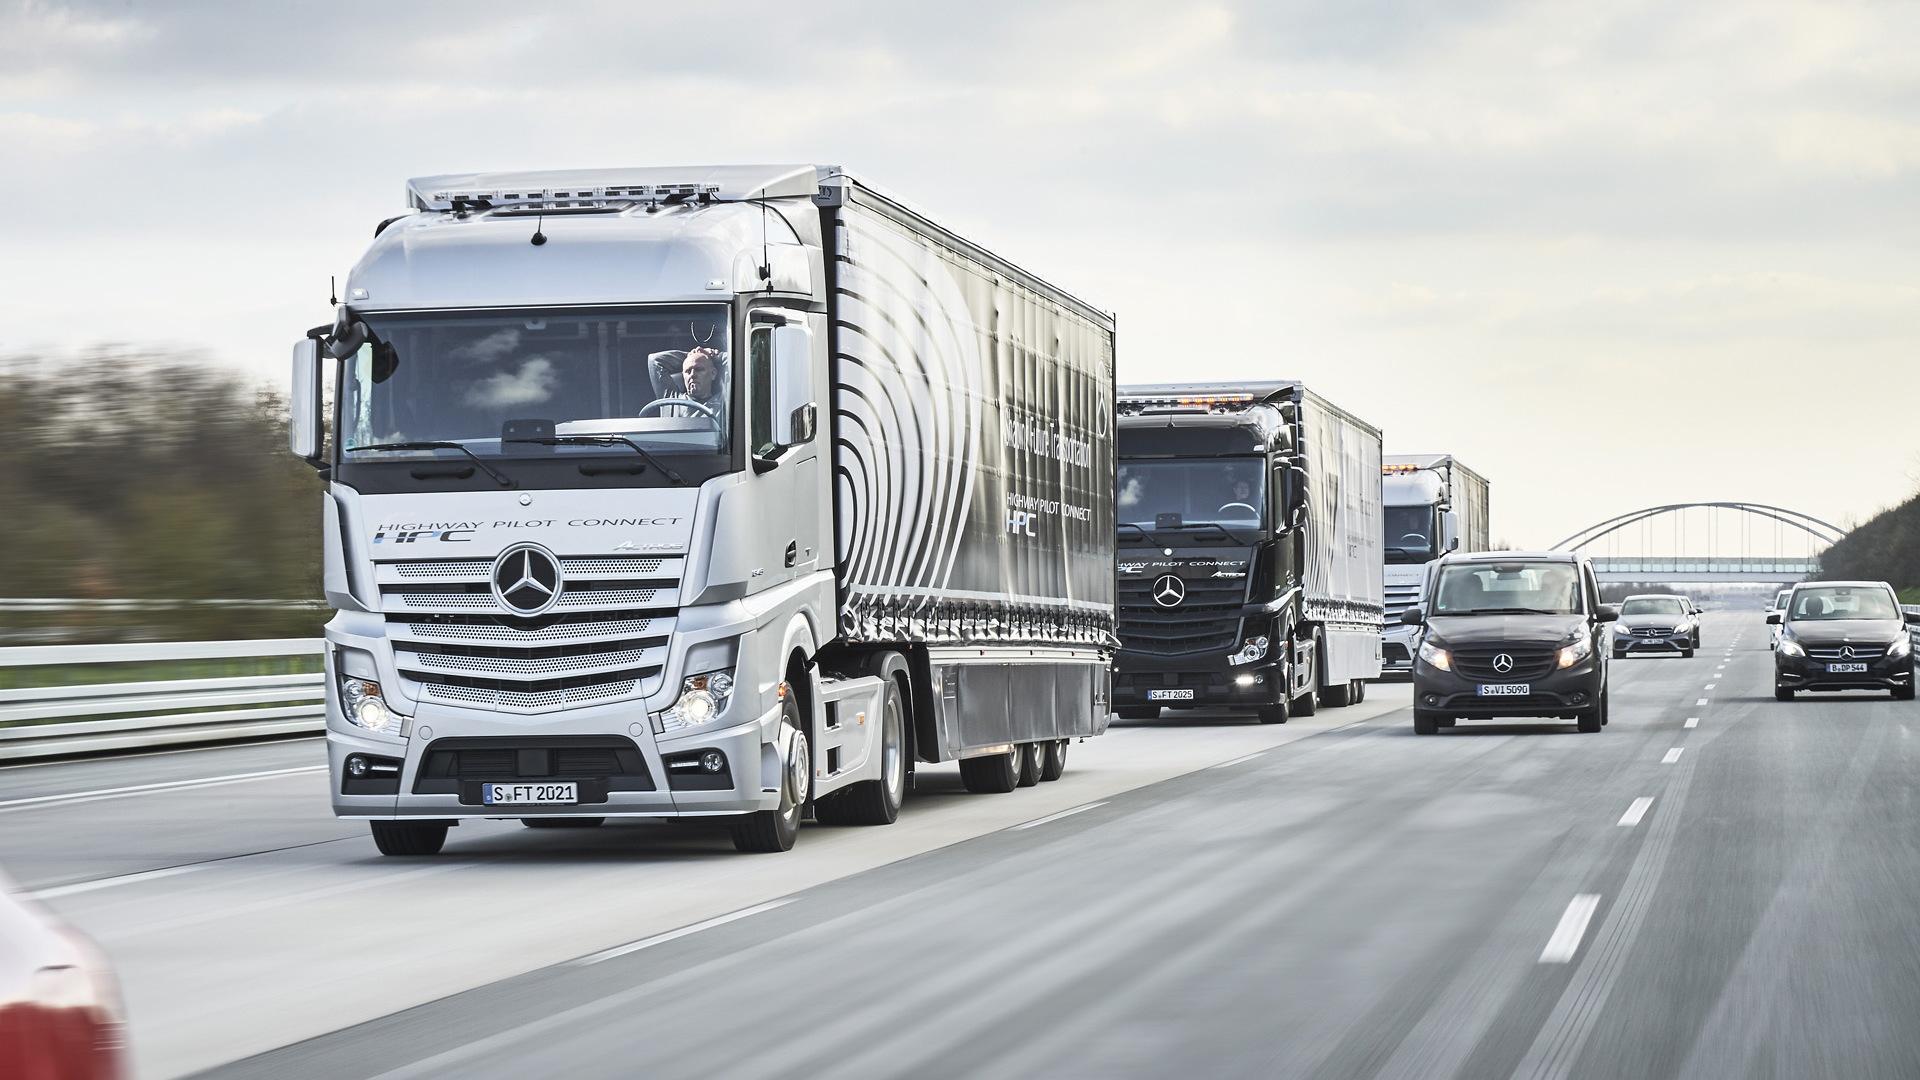 Mercedes-Benz Actros autonomous truck